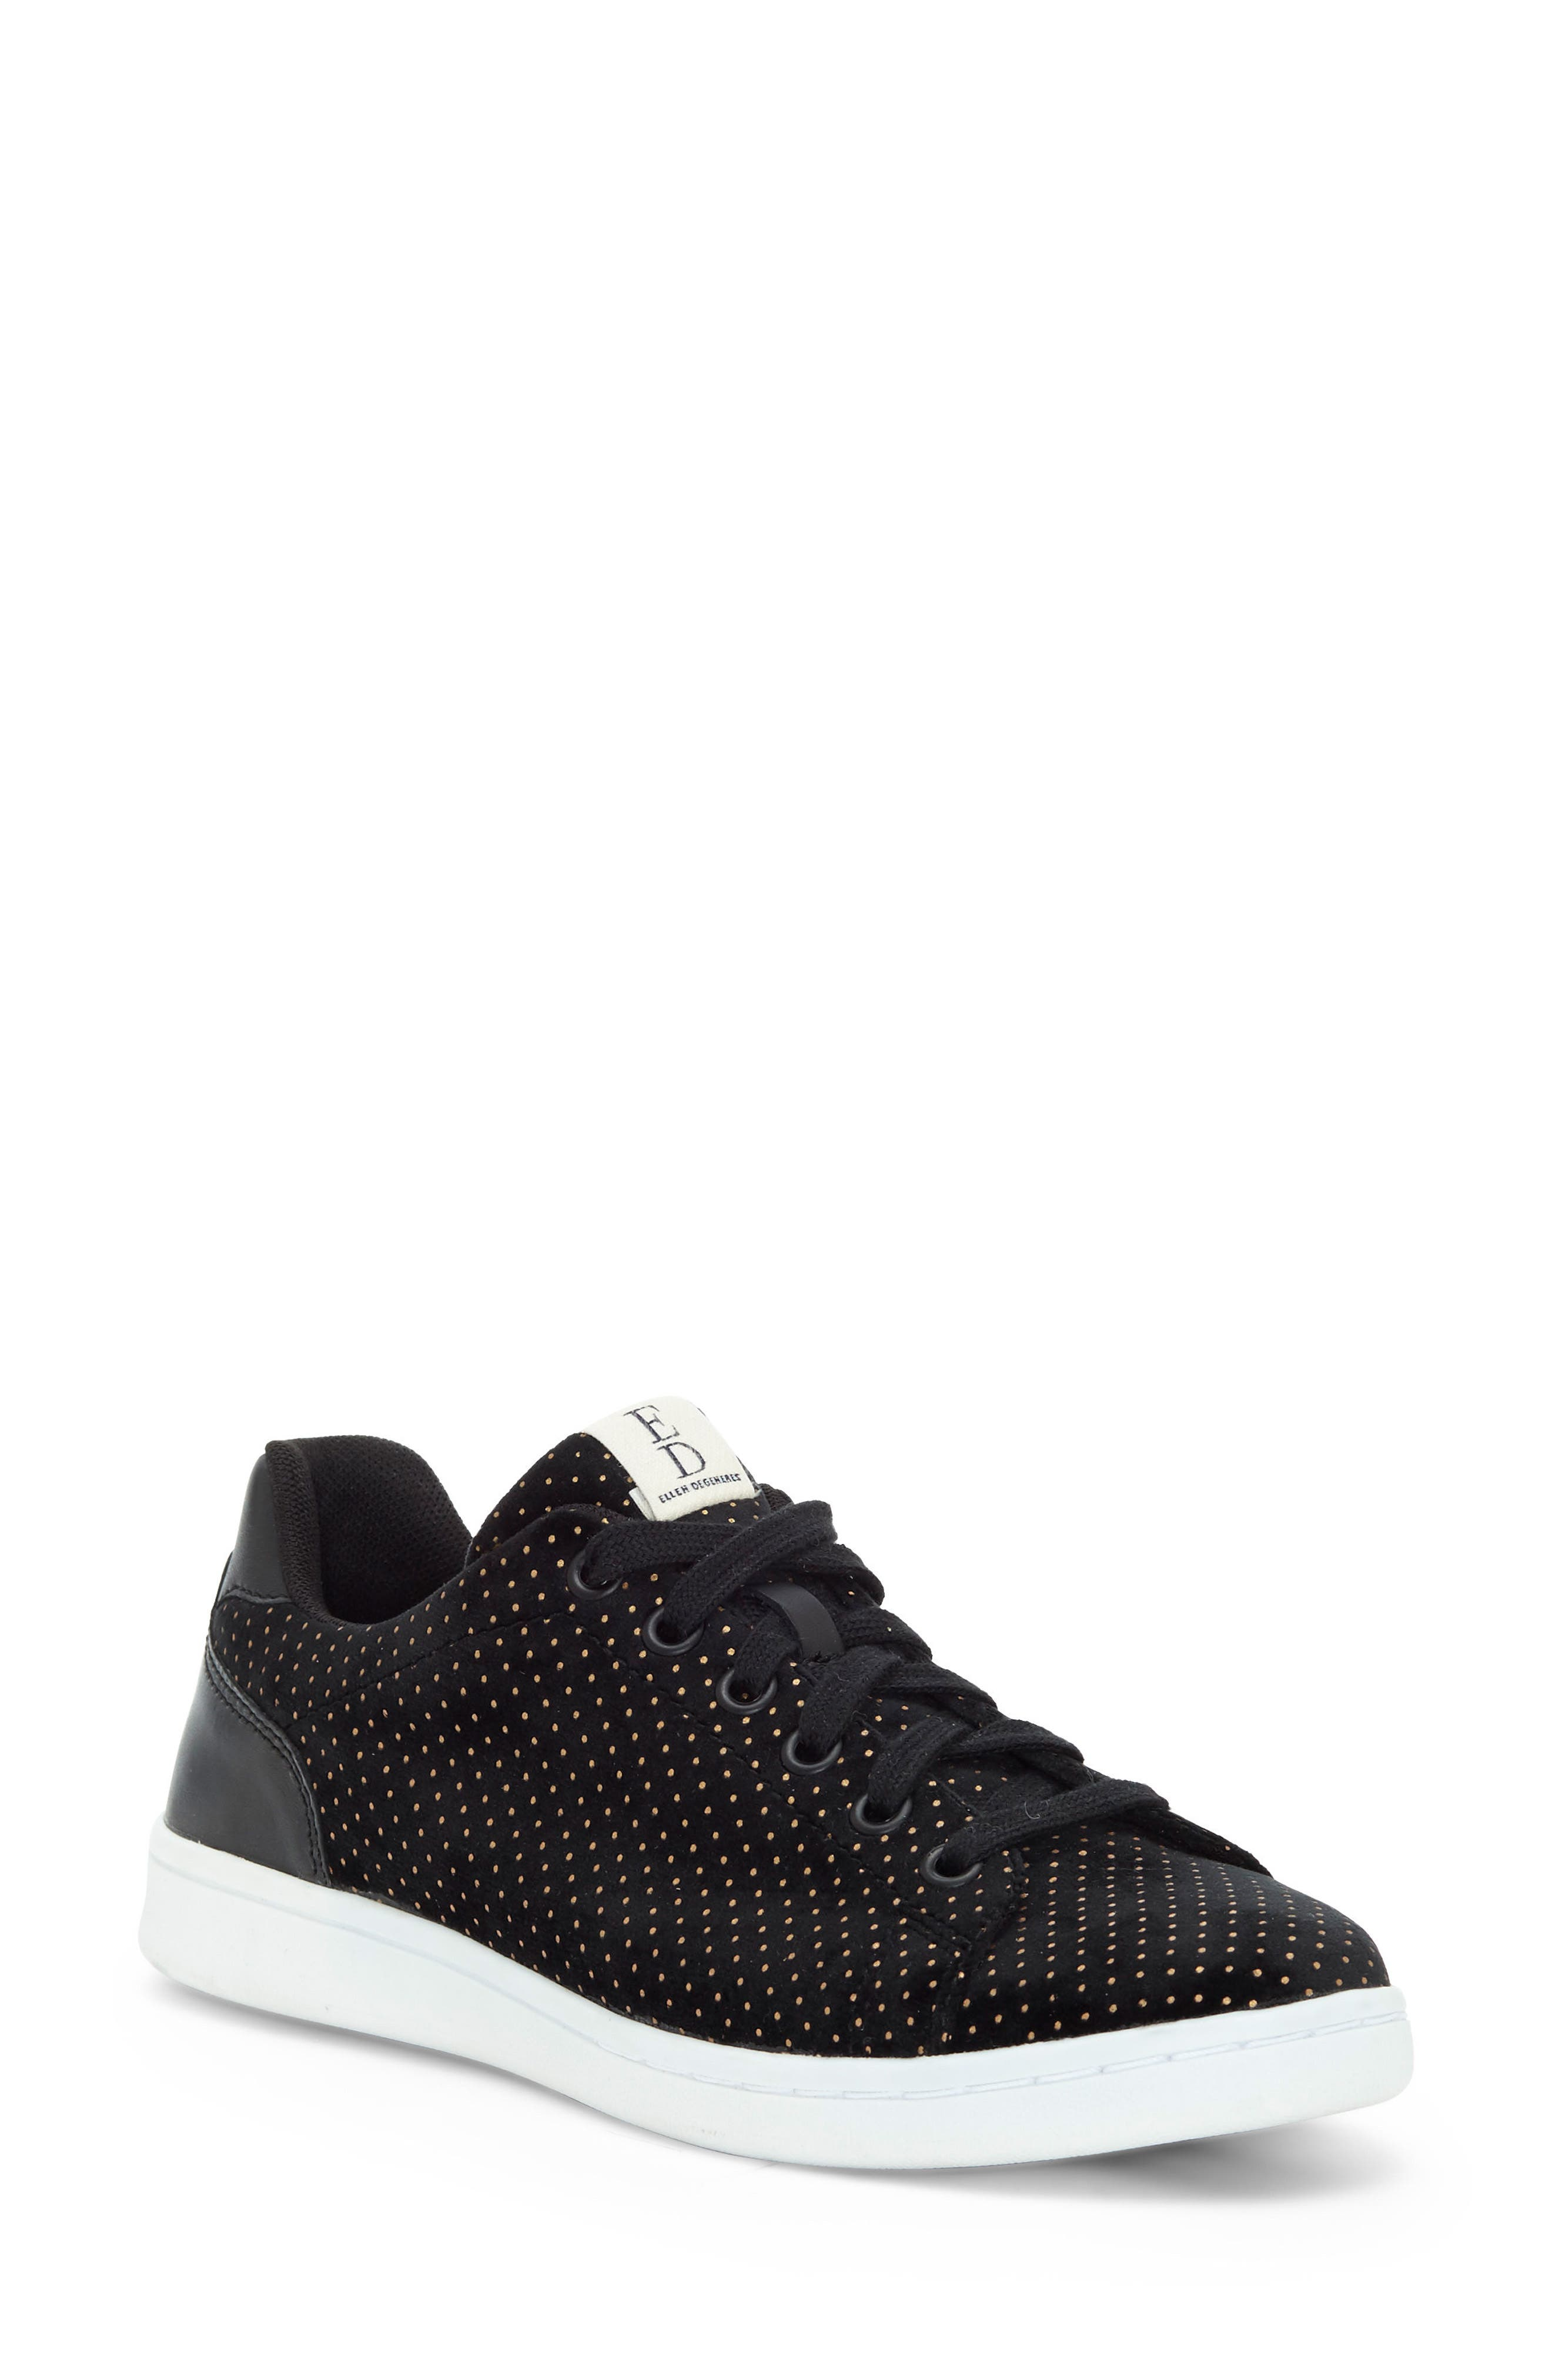 'Chapala' Sneaker,                         Main,                         color, Black/ Gold Velvet